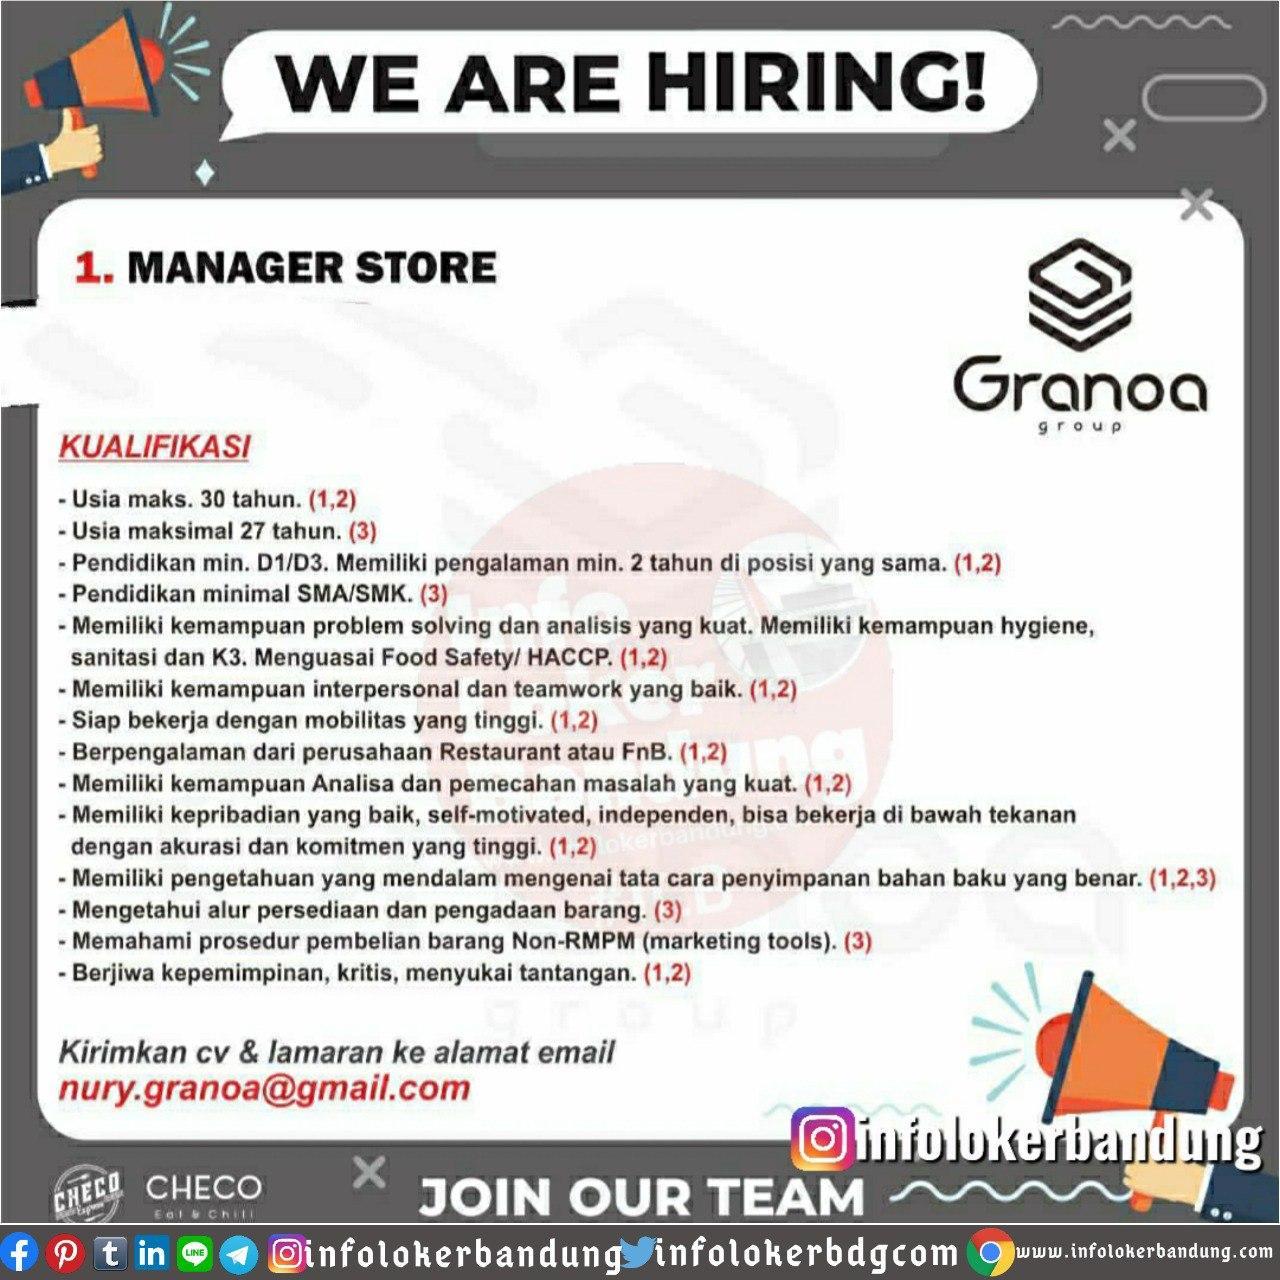 Lowongan Kerja Manager Store Granoa Group Bandung Juni 2020